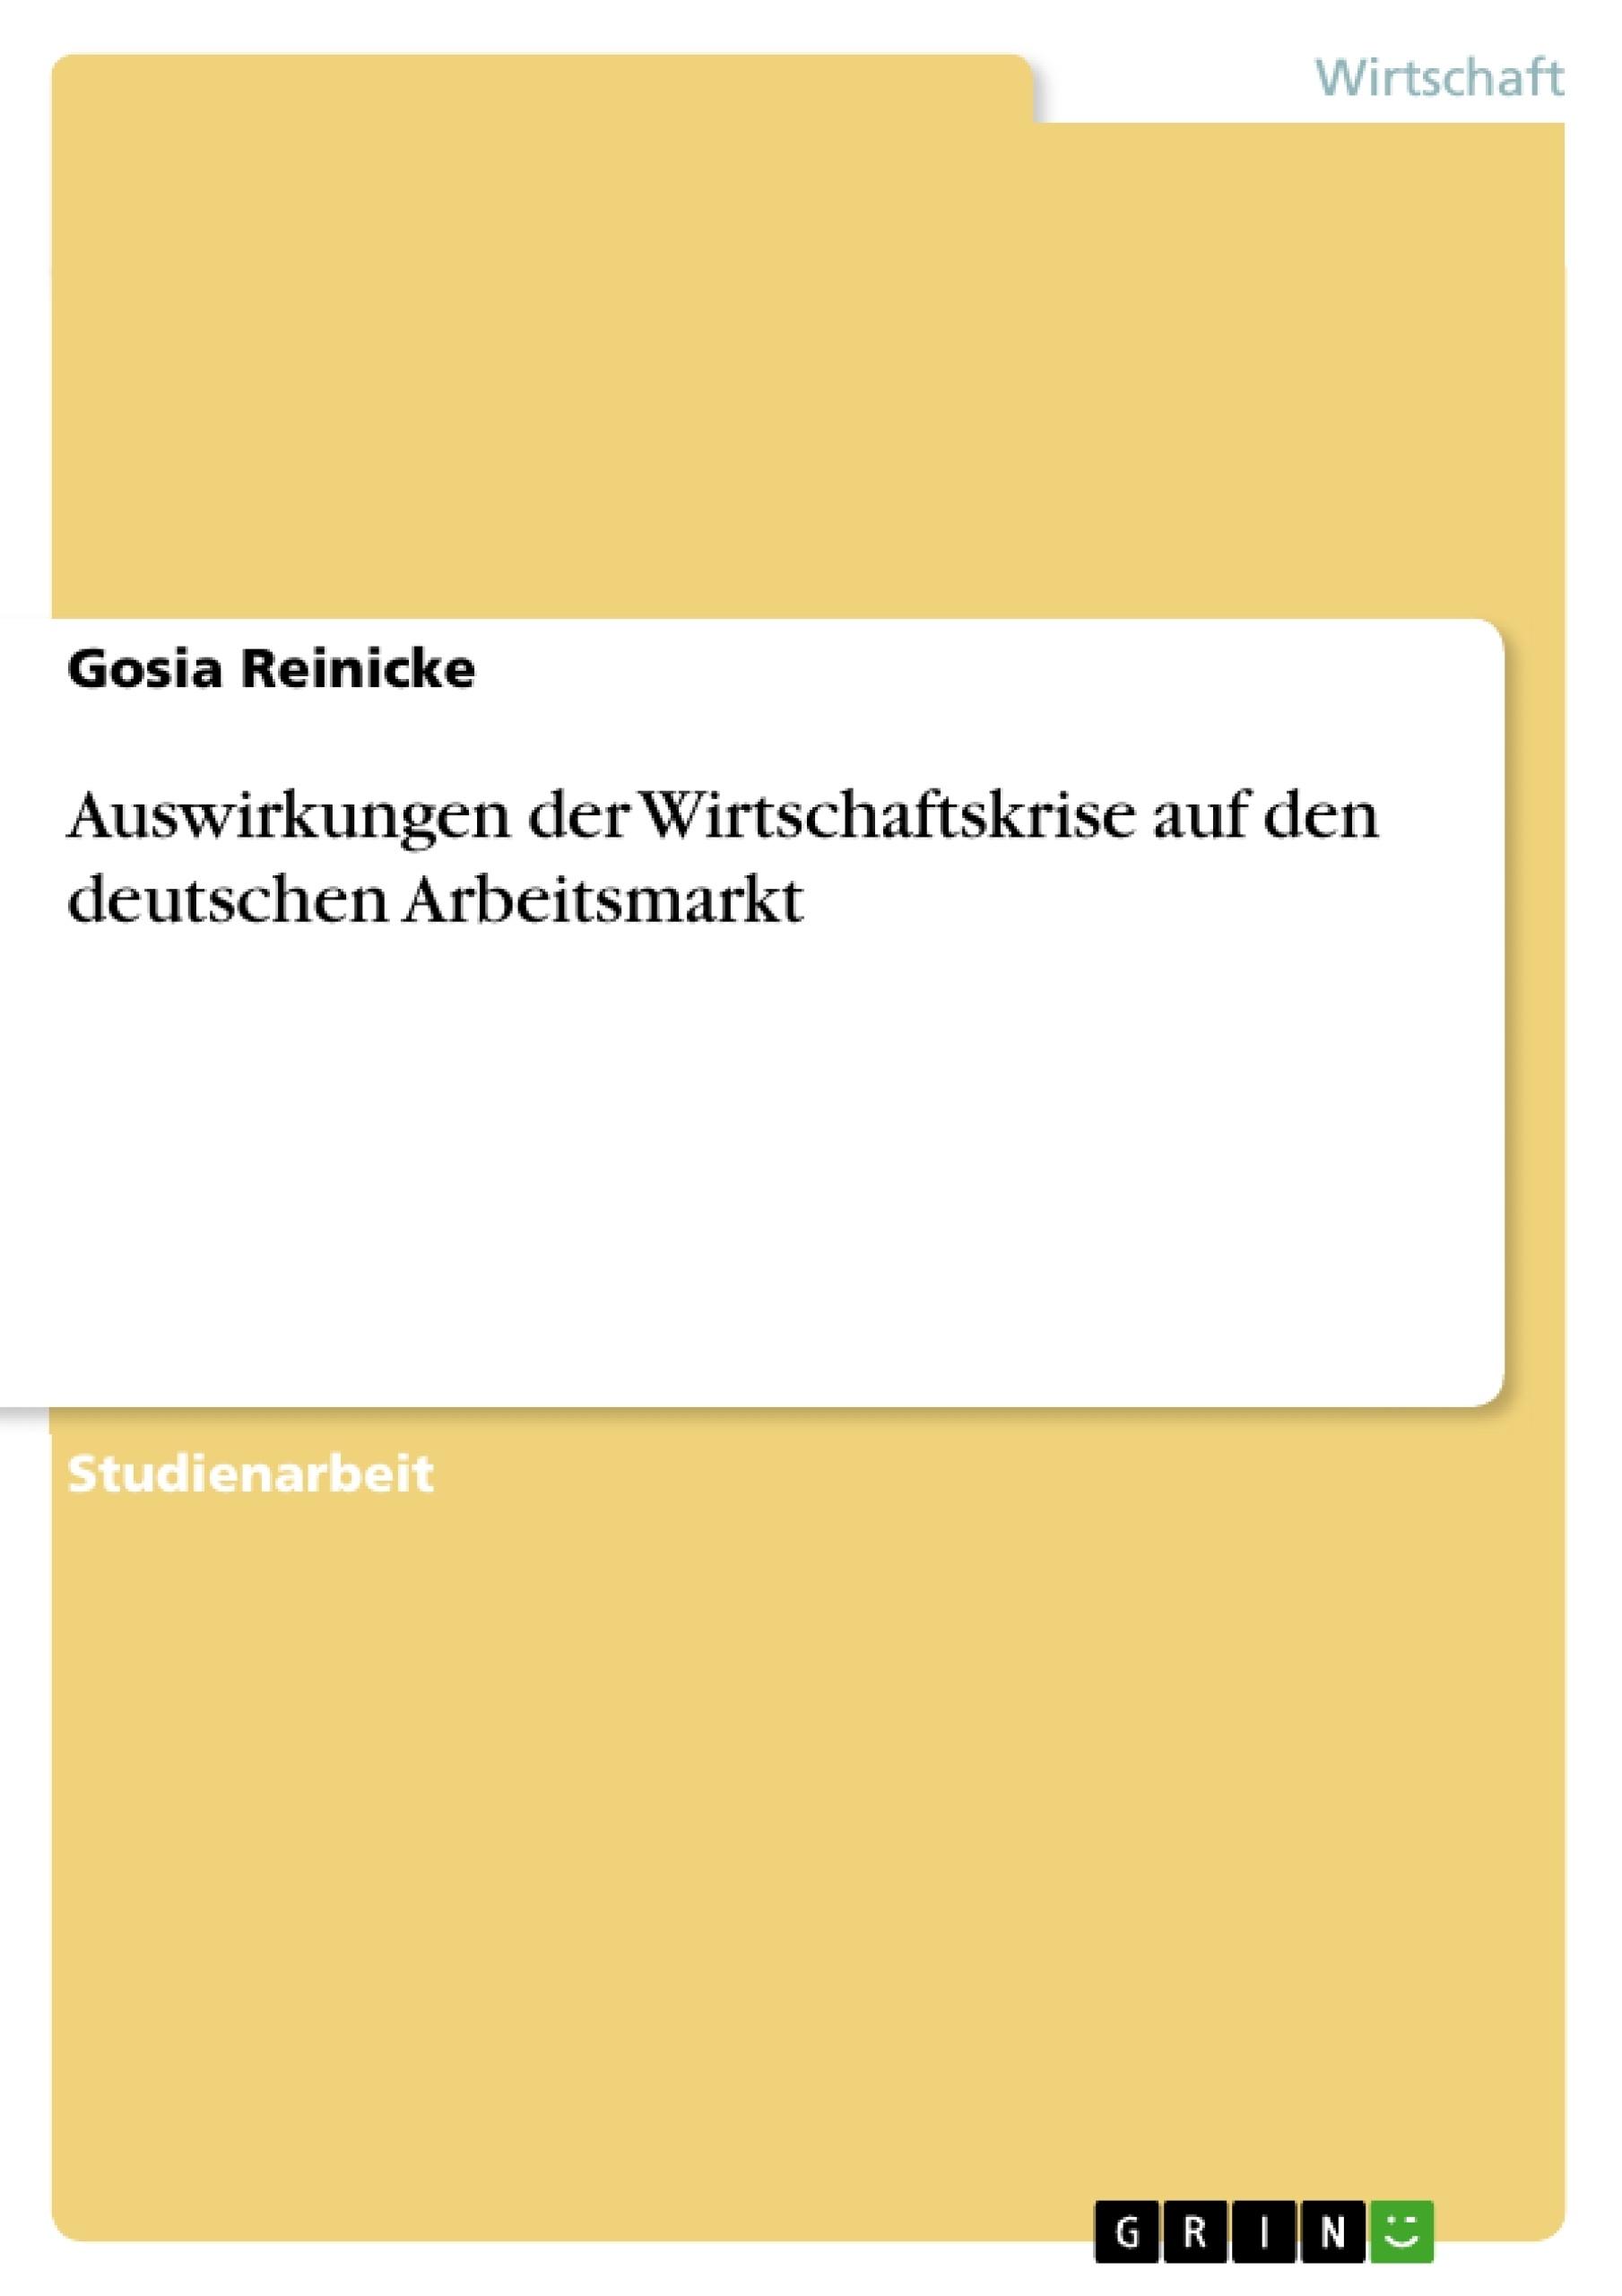 Titel: Auswirkungen der Wirtschaftskrise auf den deutschen Arbeitsmarkt